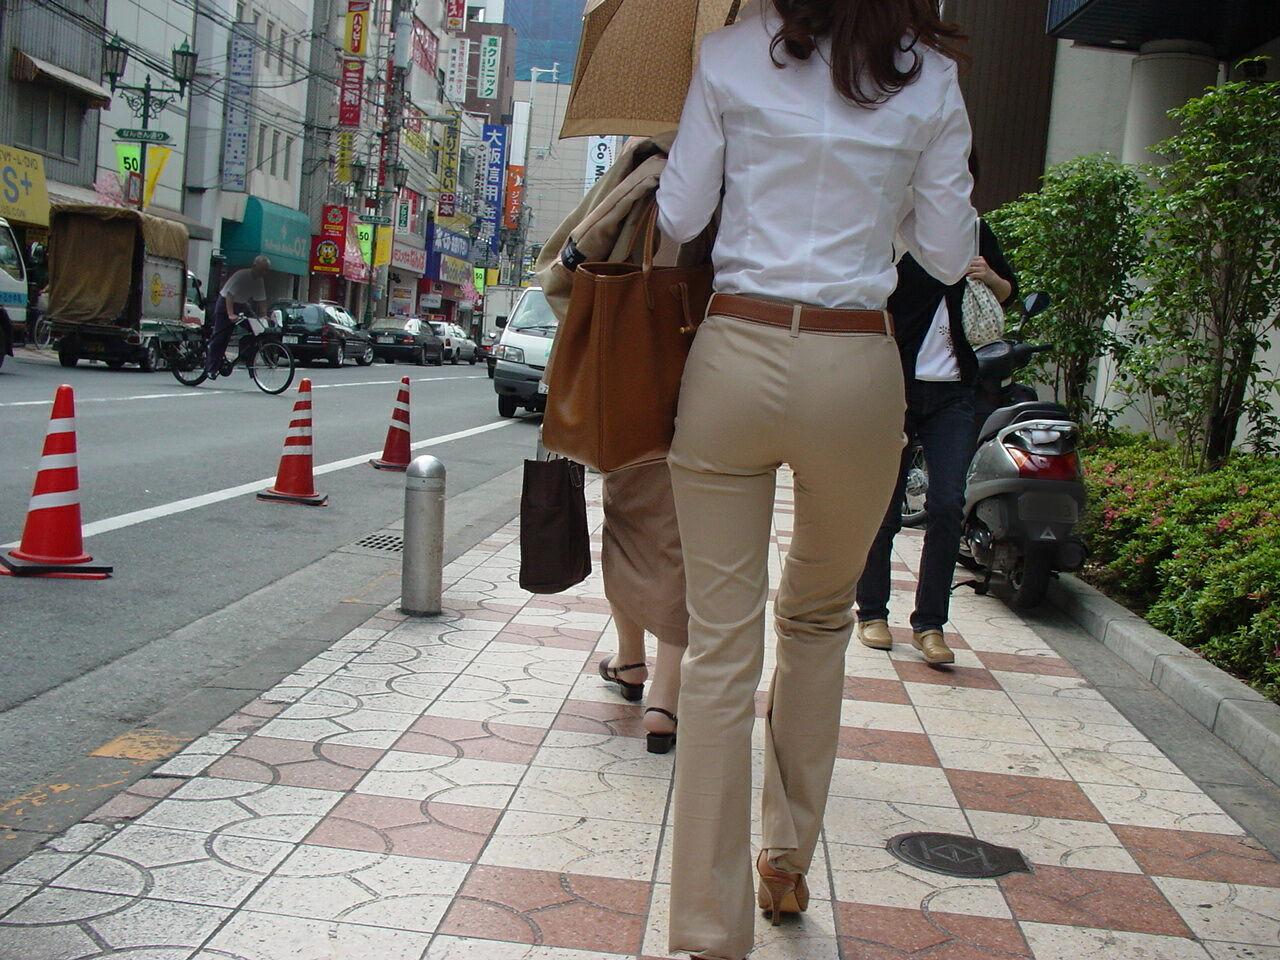 街撮りしたOLさんのパンツスーツのお尻画像っていいよね 。 VjLZiXe